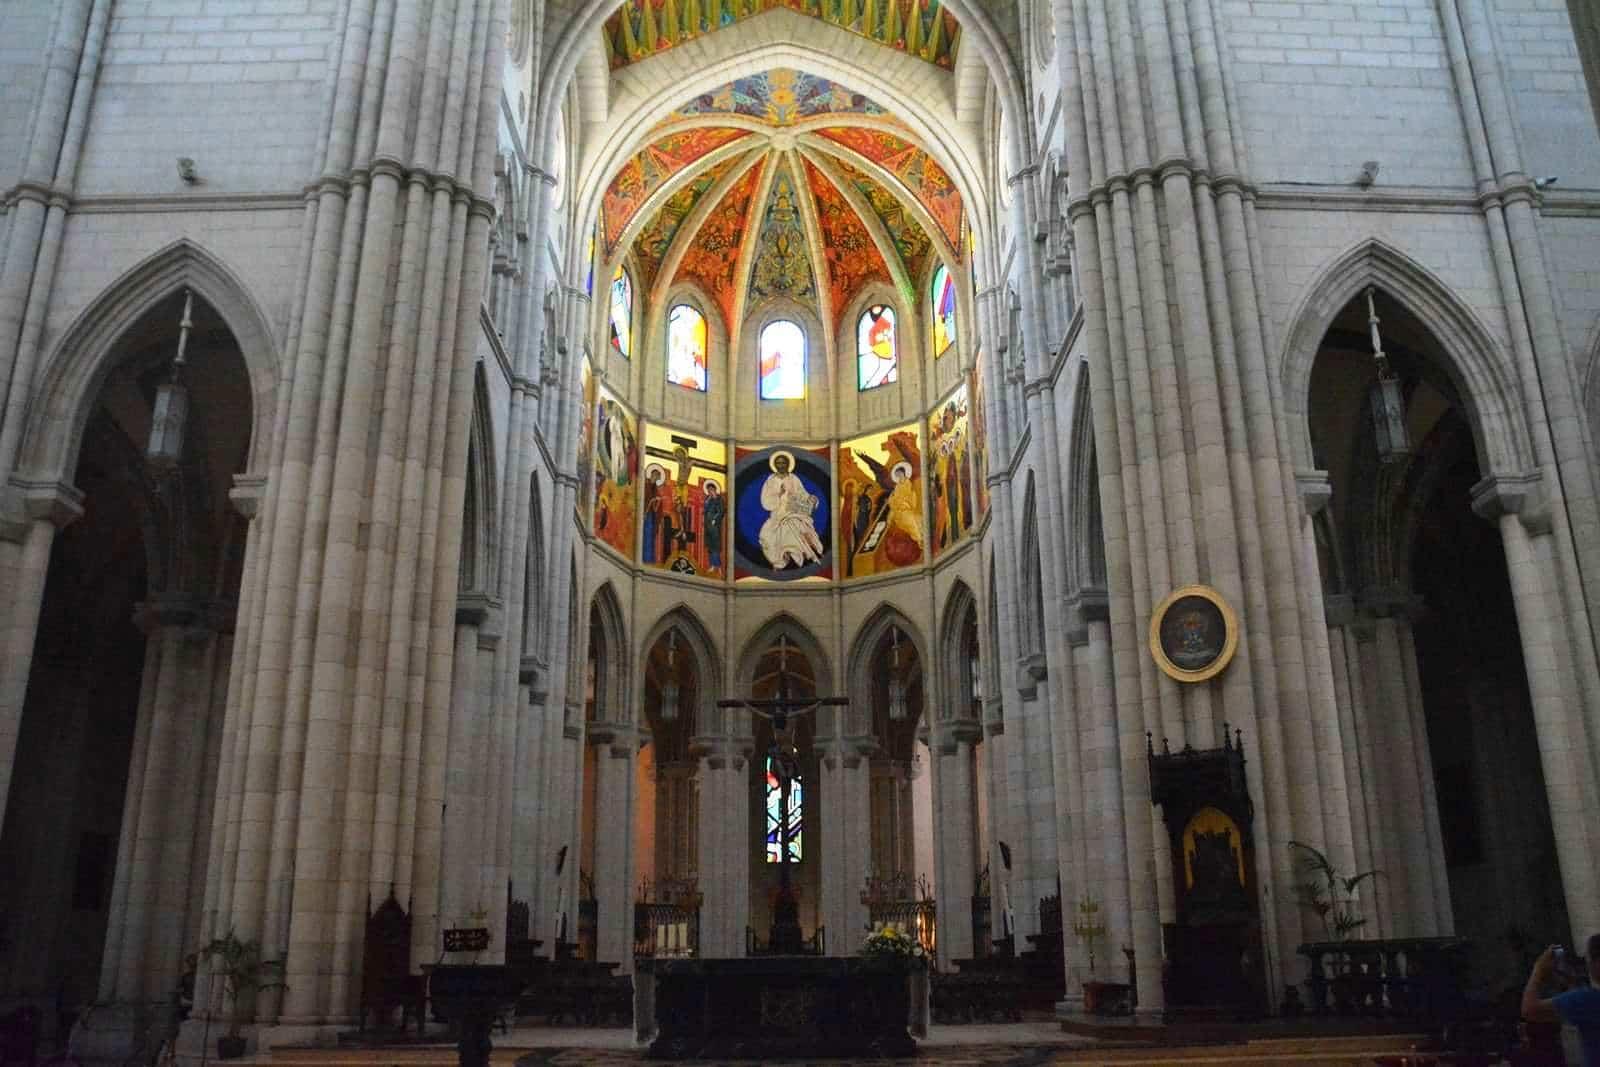 Catedral de Almudena - interior